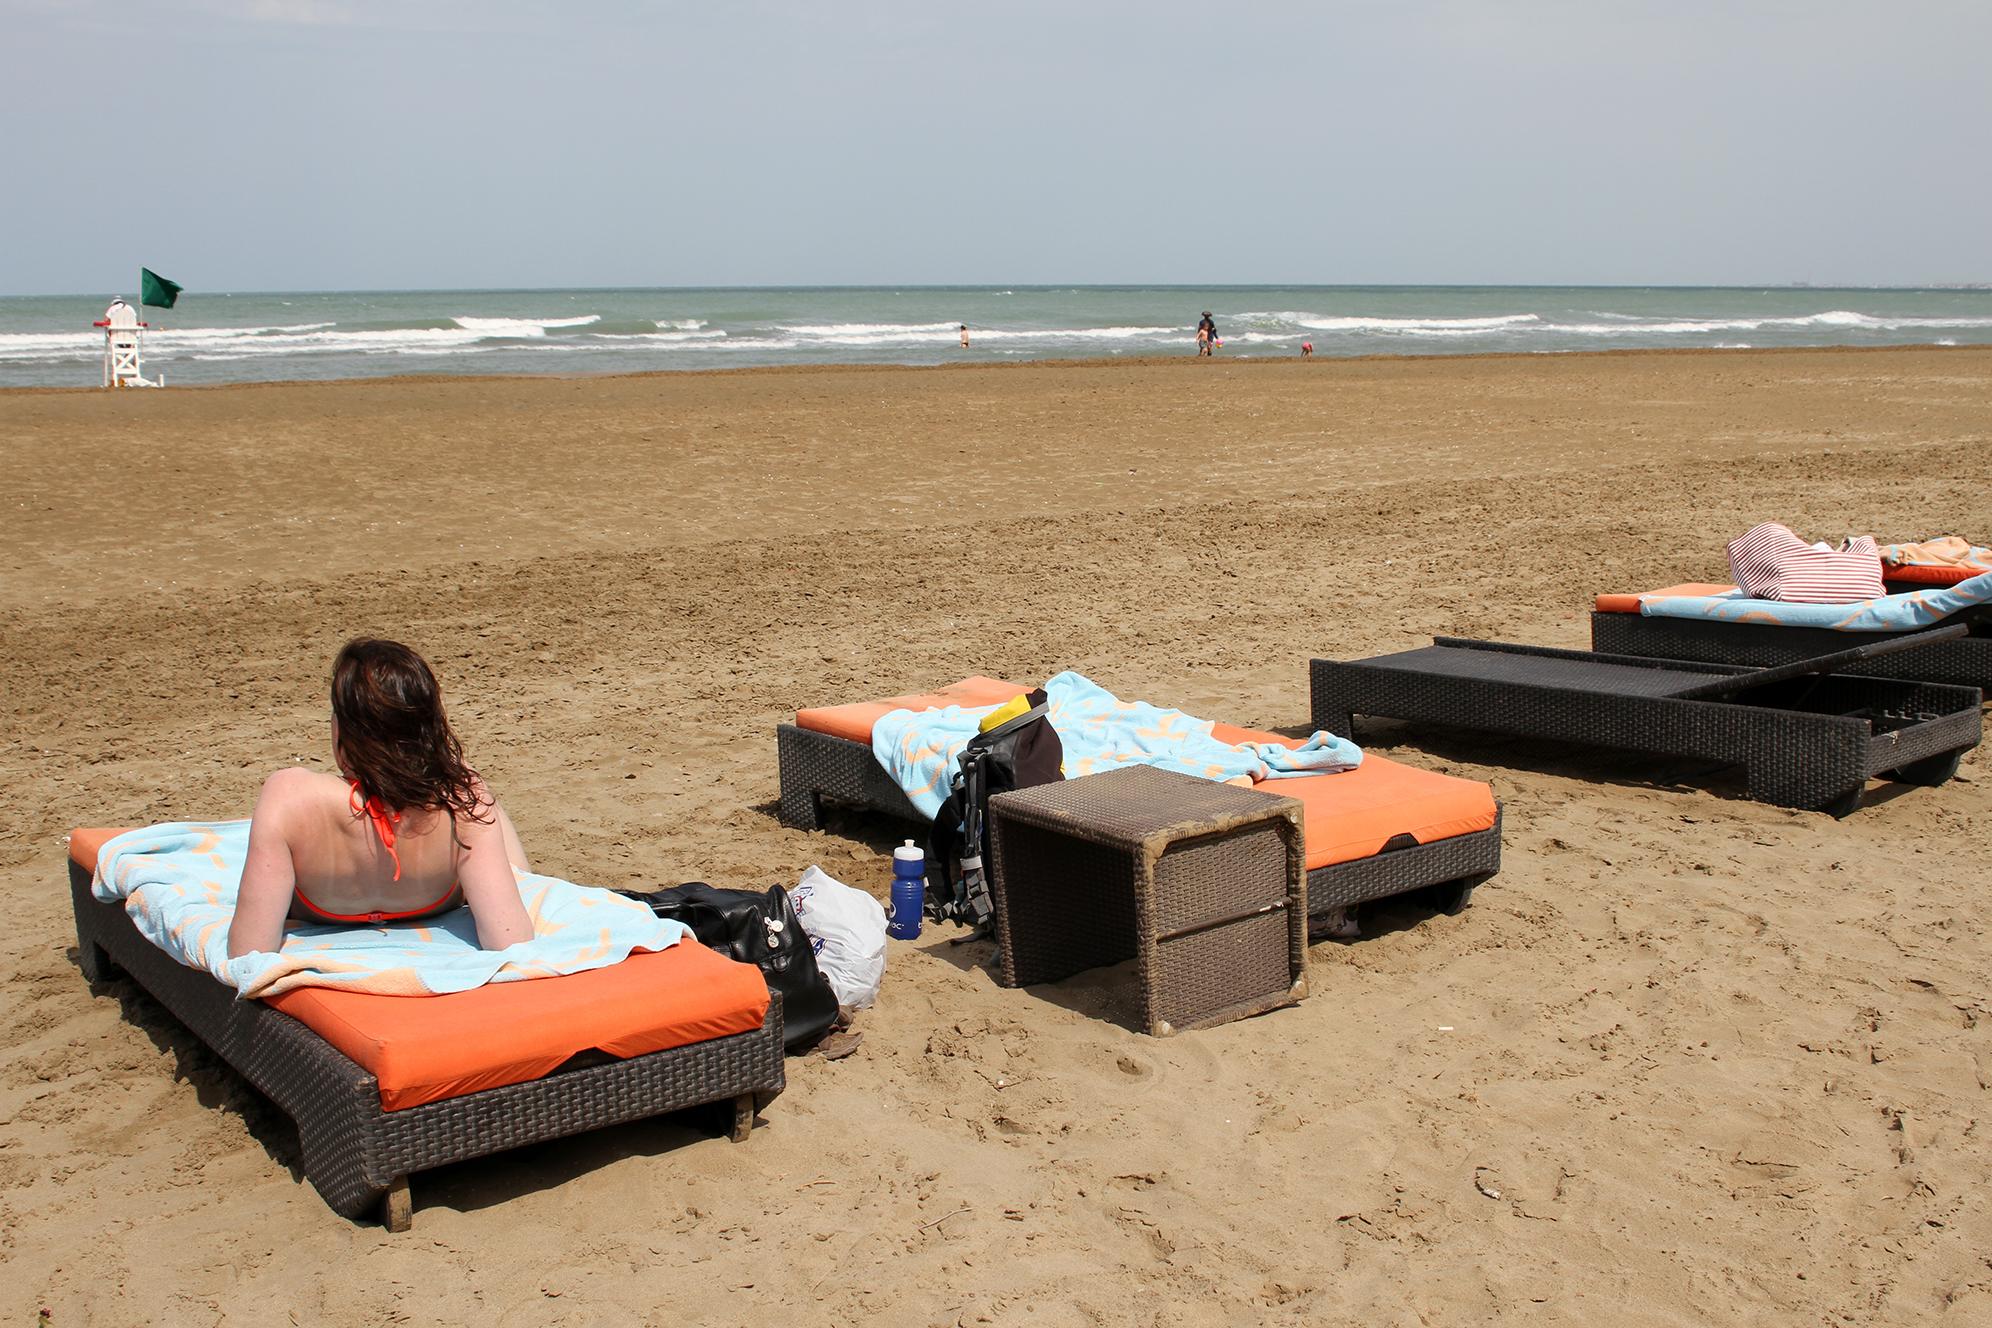 Vi fikk solsenger og håndklær gratis, selv om vi ikke bodde på hotellet.